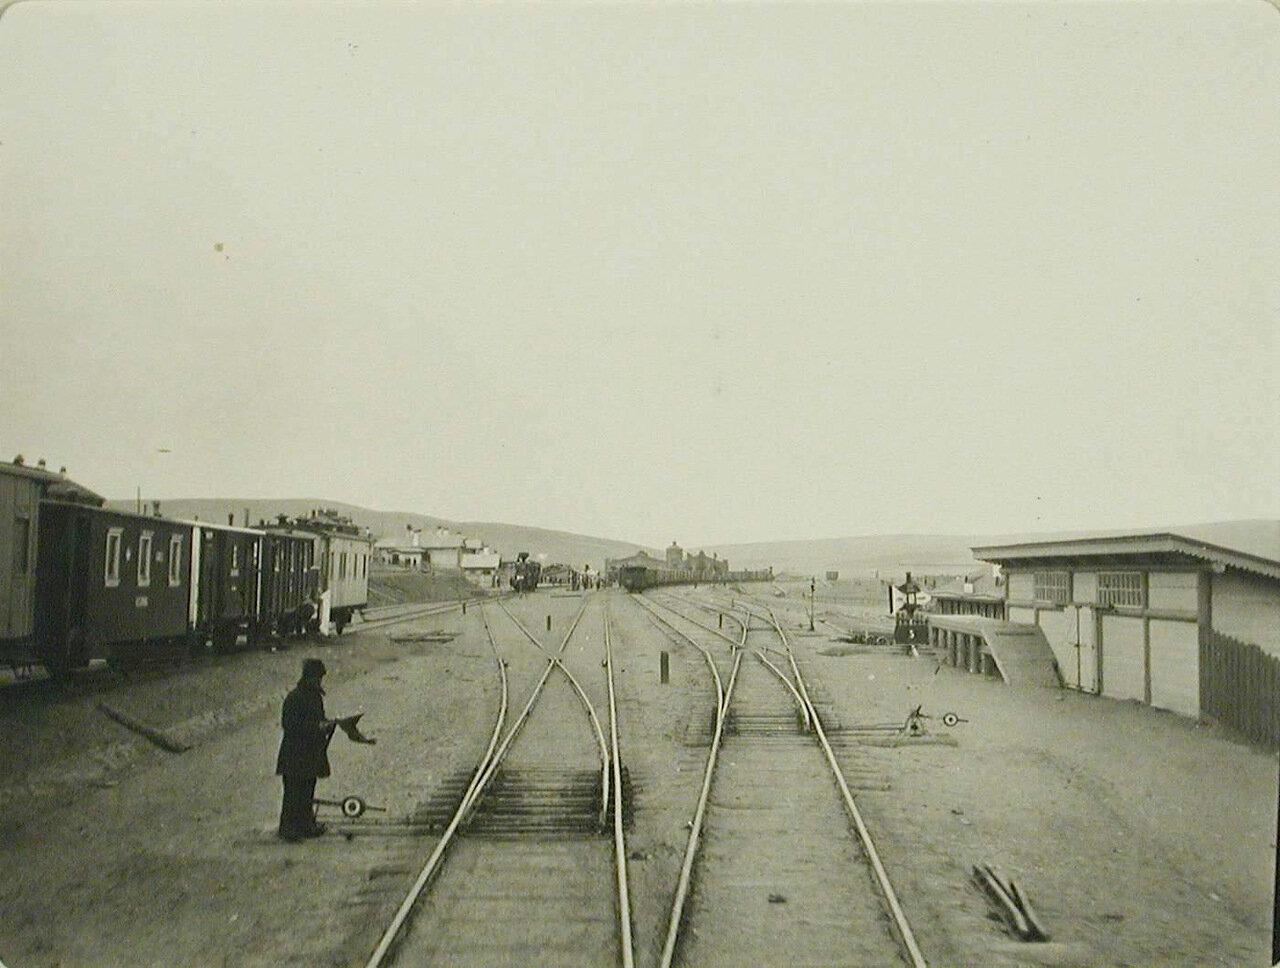 45. Вид железнодорожного полотна на станции Китайский разъезд Забайкальской железной дороги